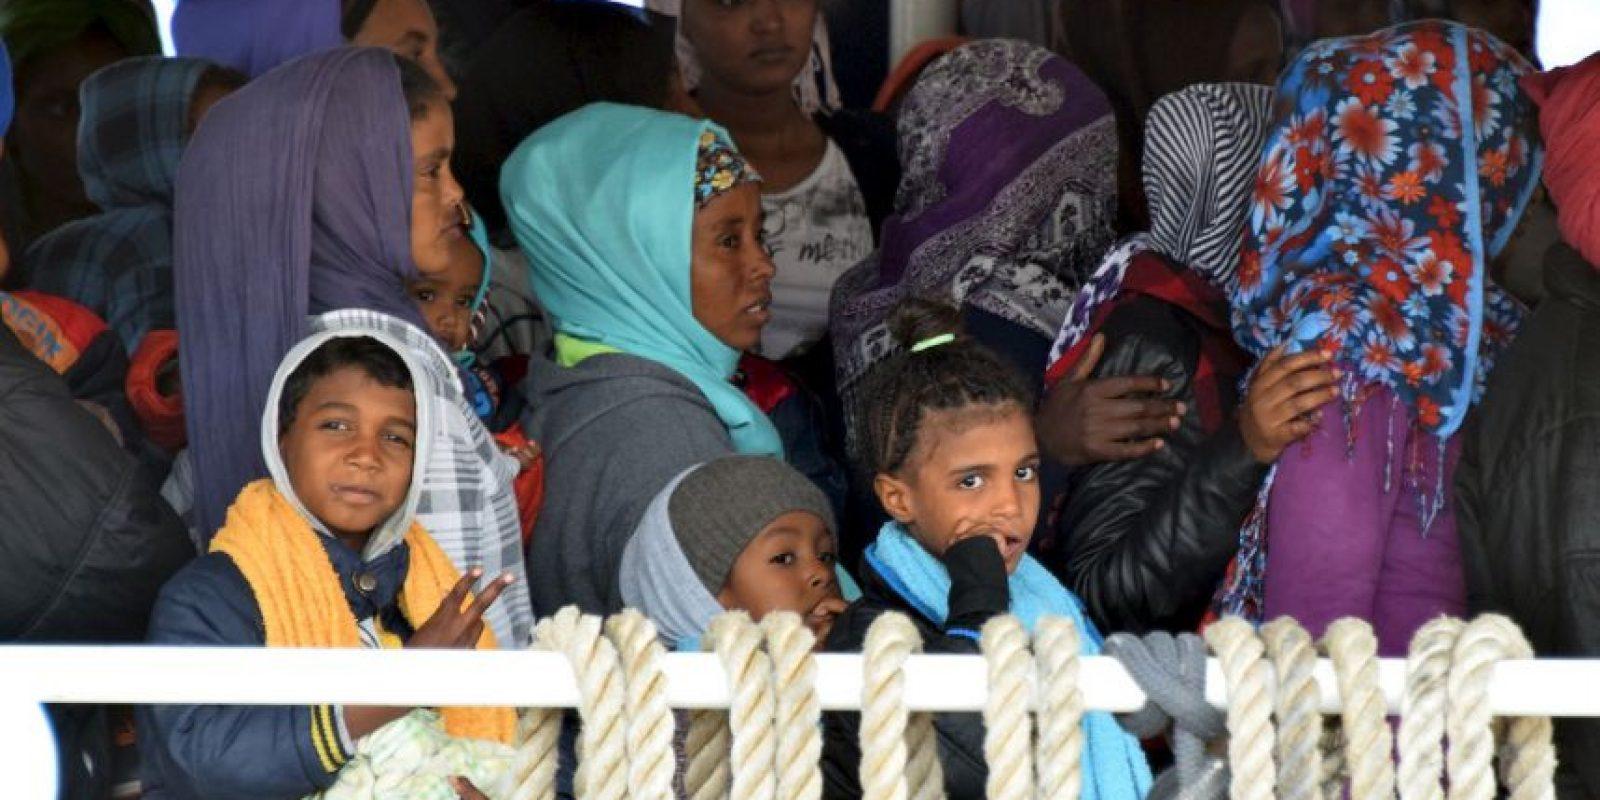 """3. La segunda será la captura, abordaje y desvío de las embarcaciones que puedan traficar personas, detalló """"El País"""". Foto:AFP"""